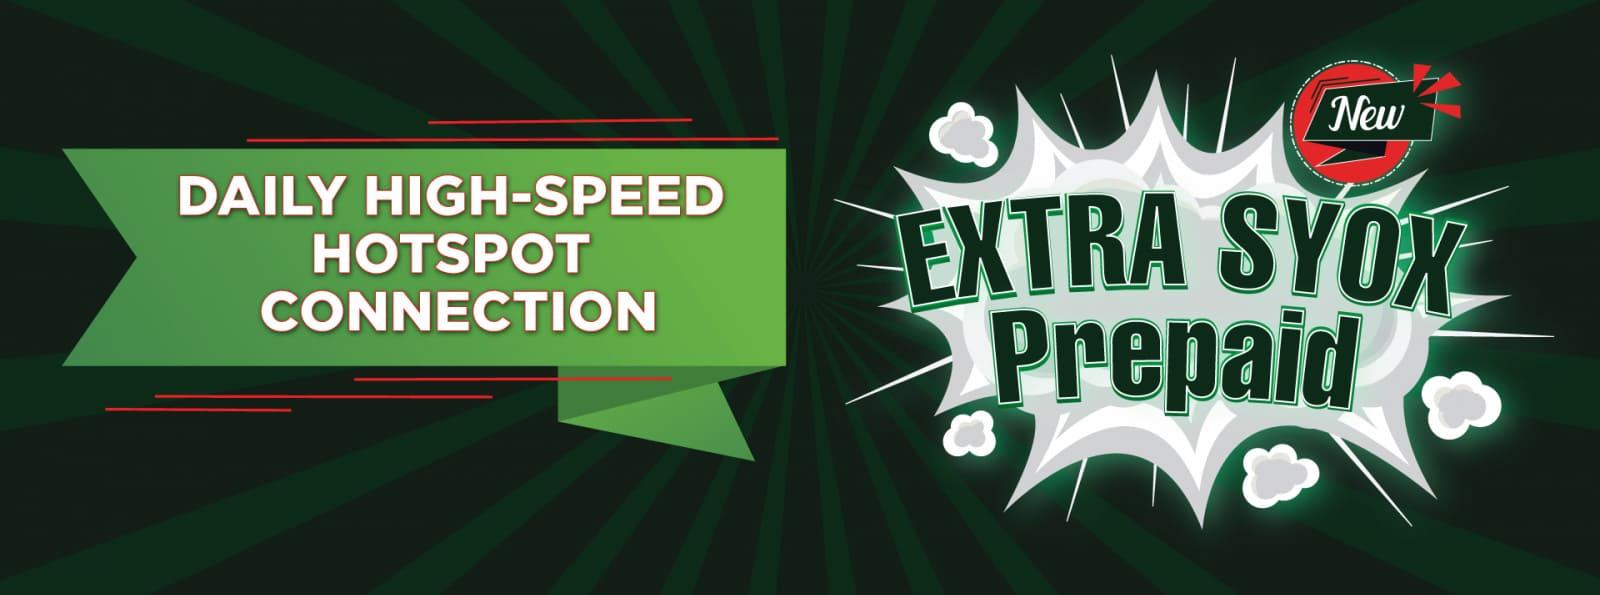 EXTRA SYOX PREPAID ONEXOX